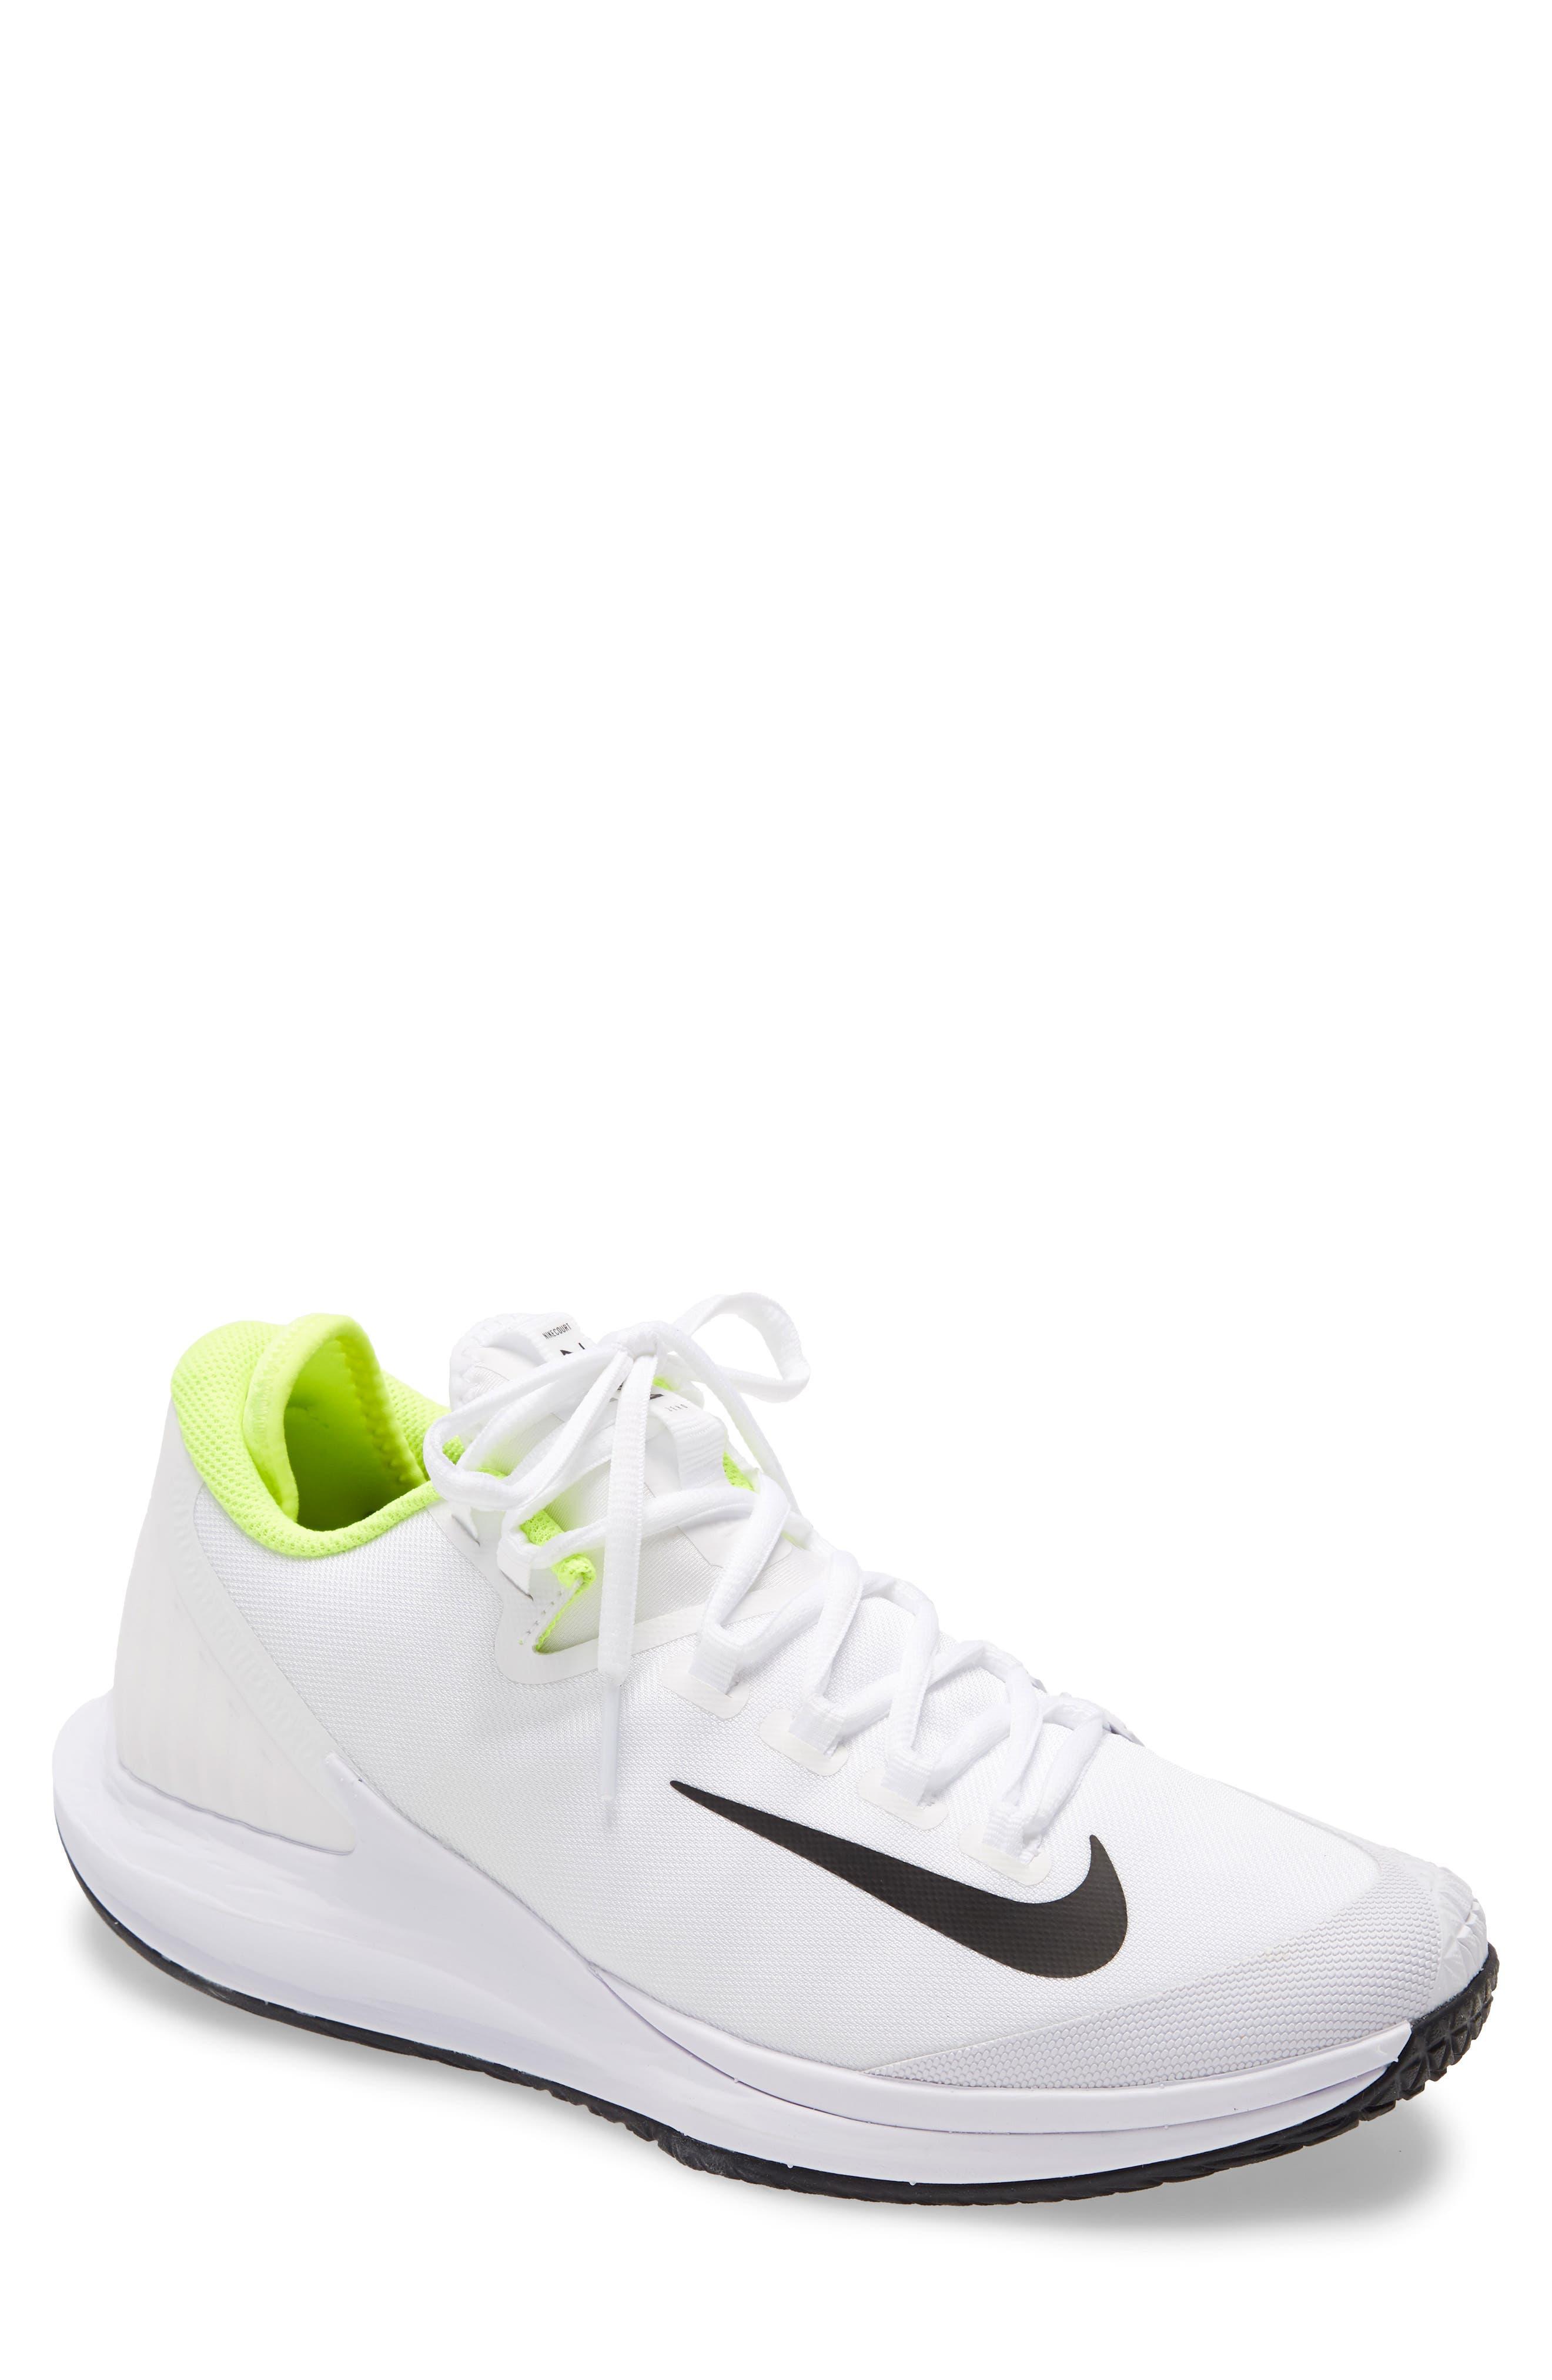 Men's Tennis Sneakers: Sale   Nordstrom